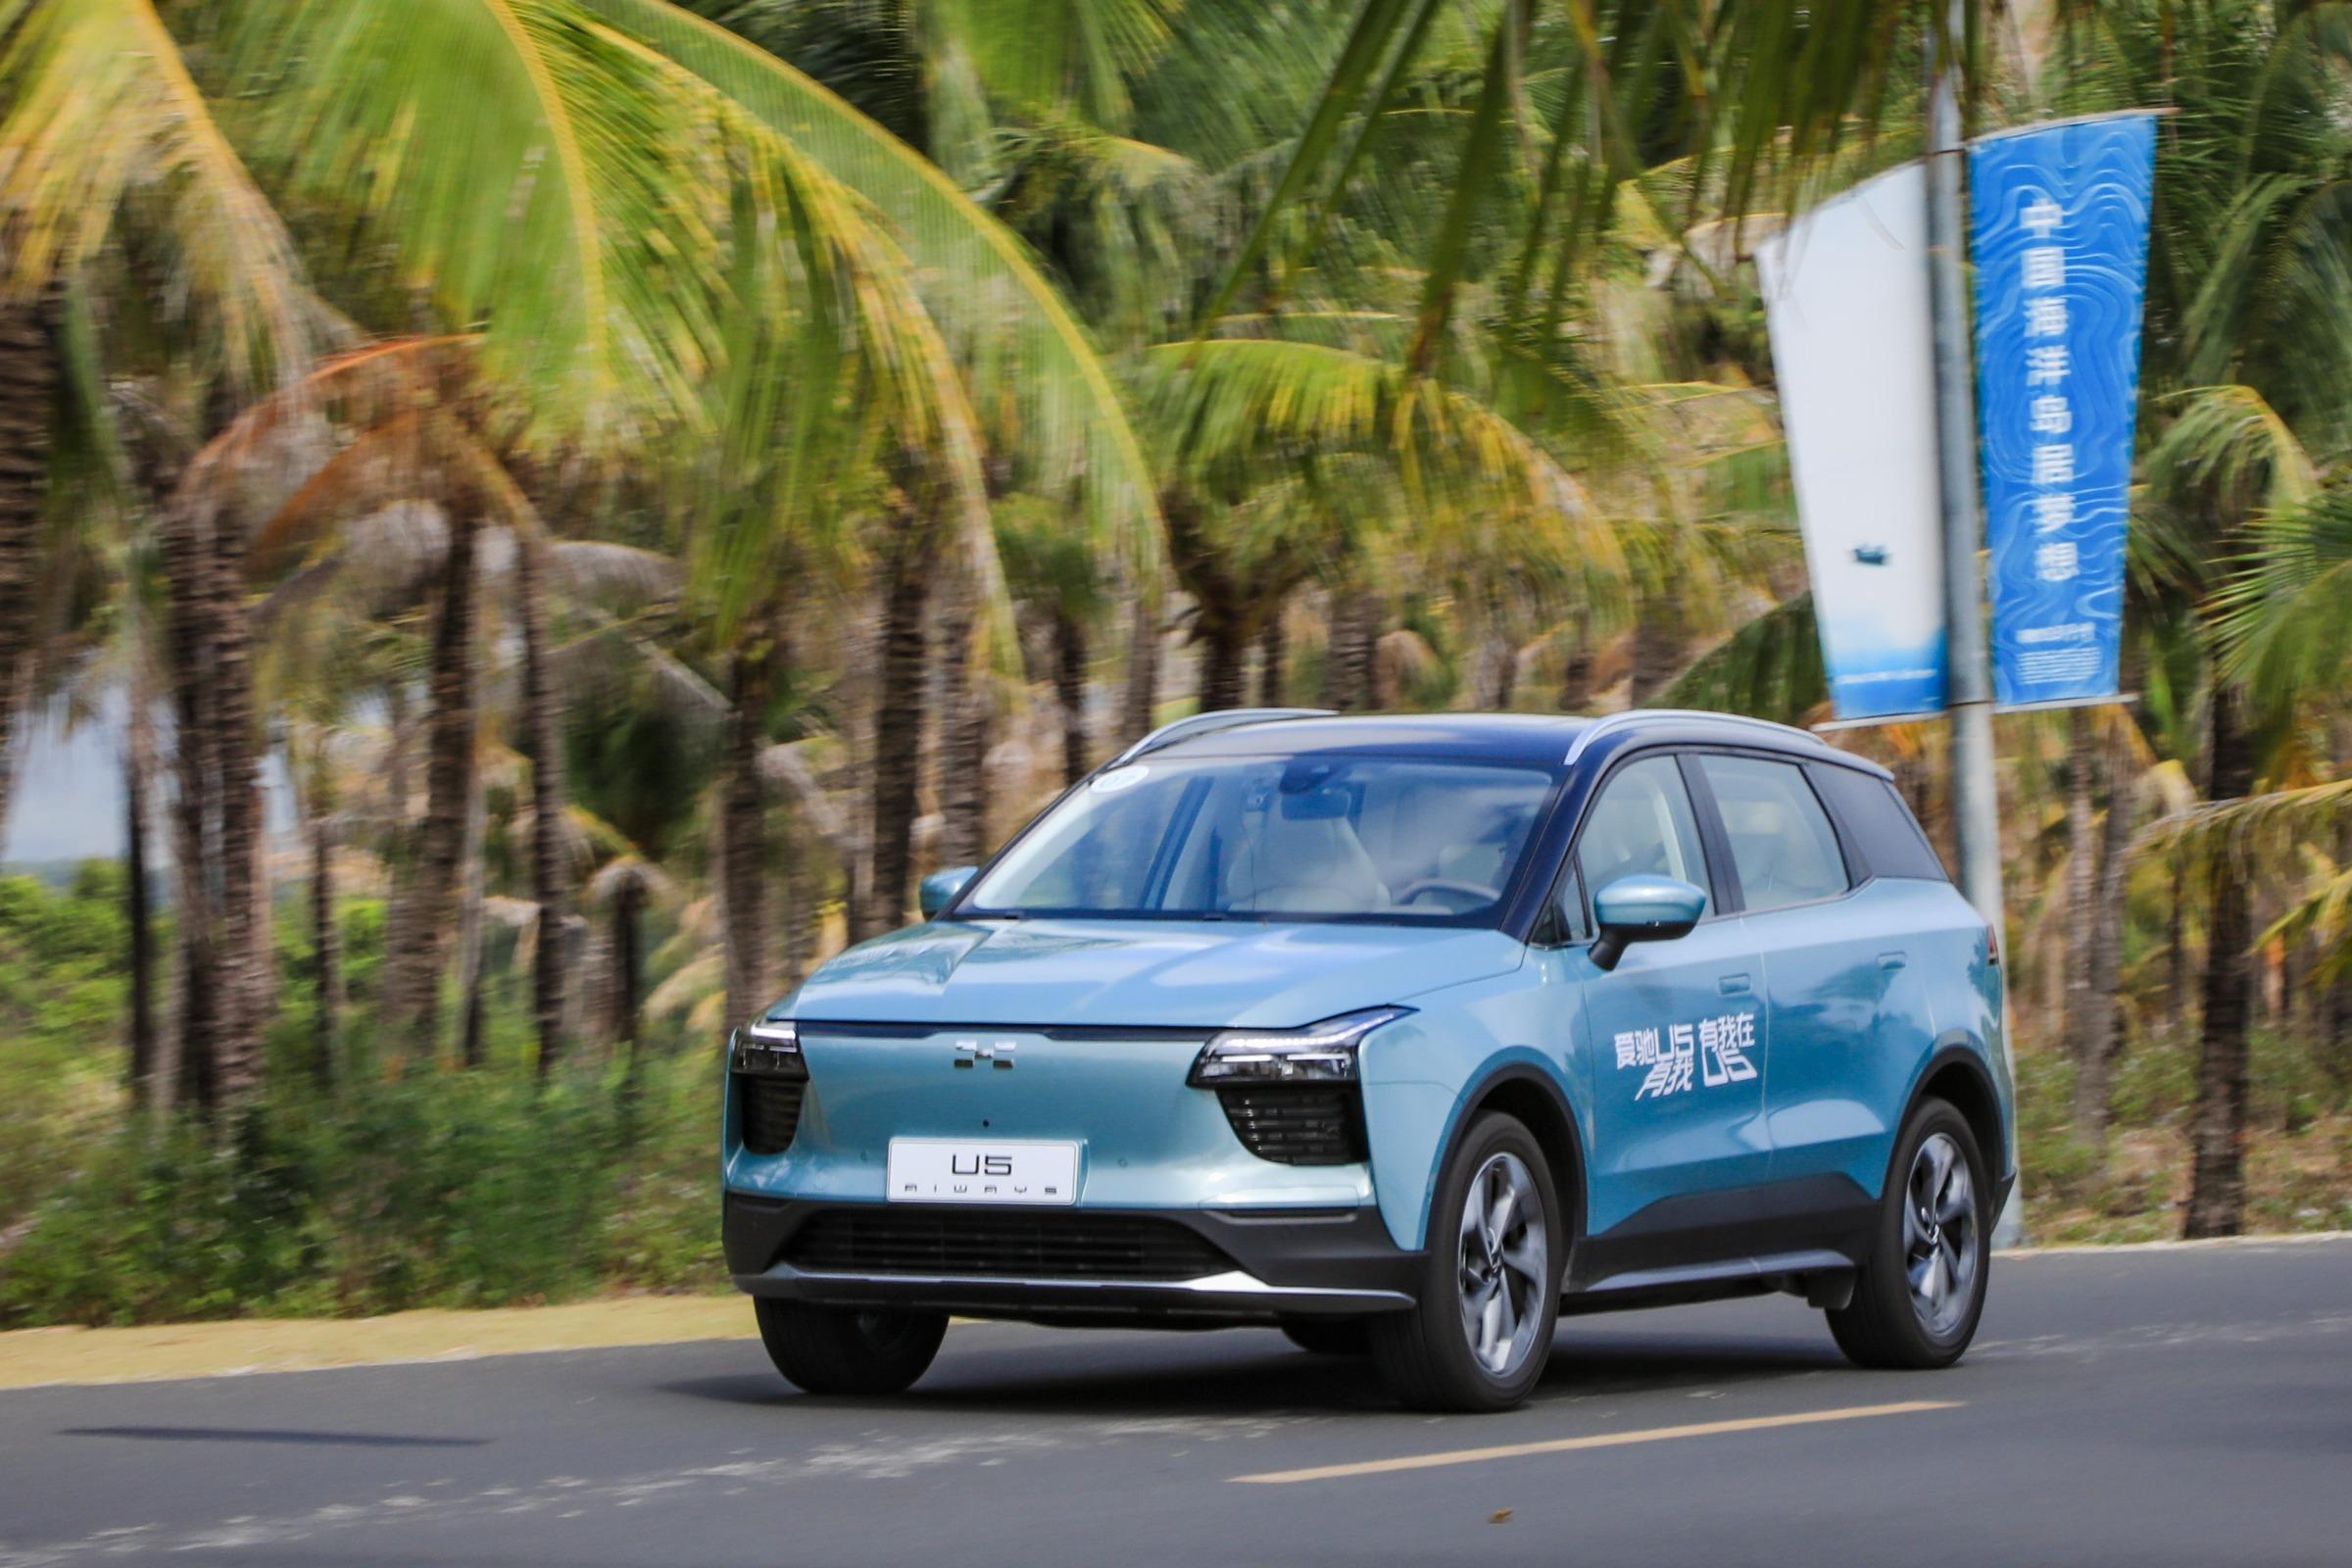 新势代品质SUV 爱驰U5上市,售价为19.79-29.21万元